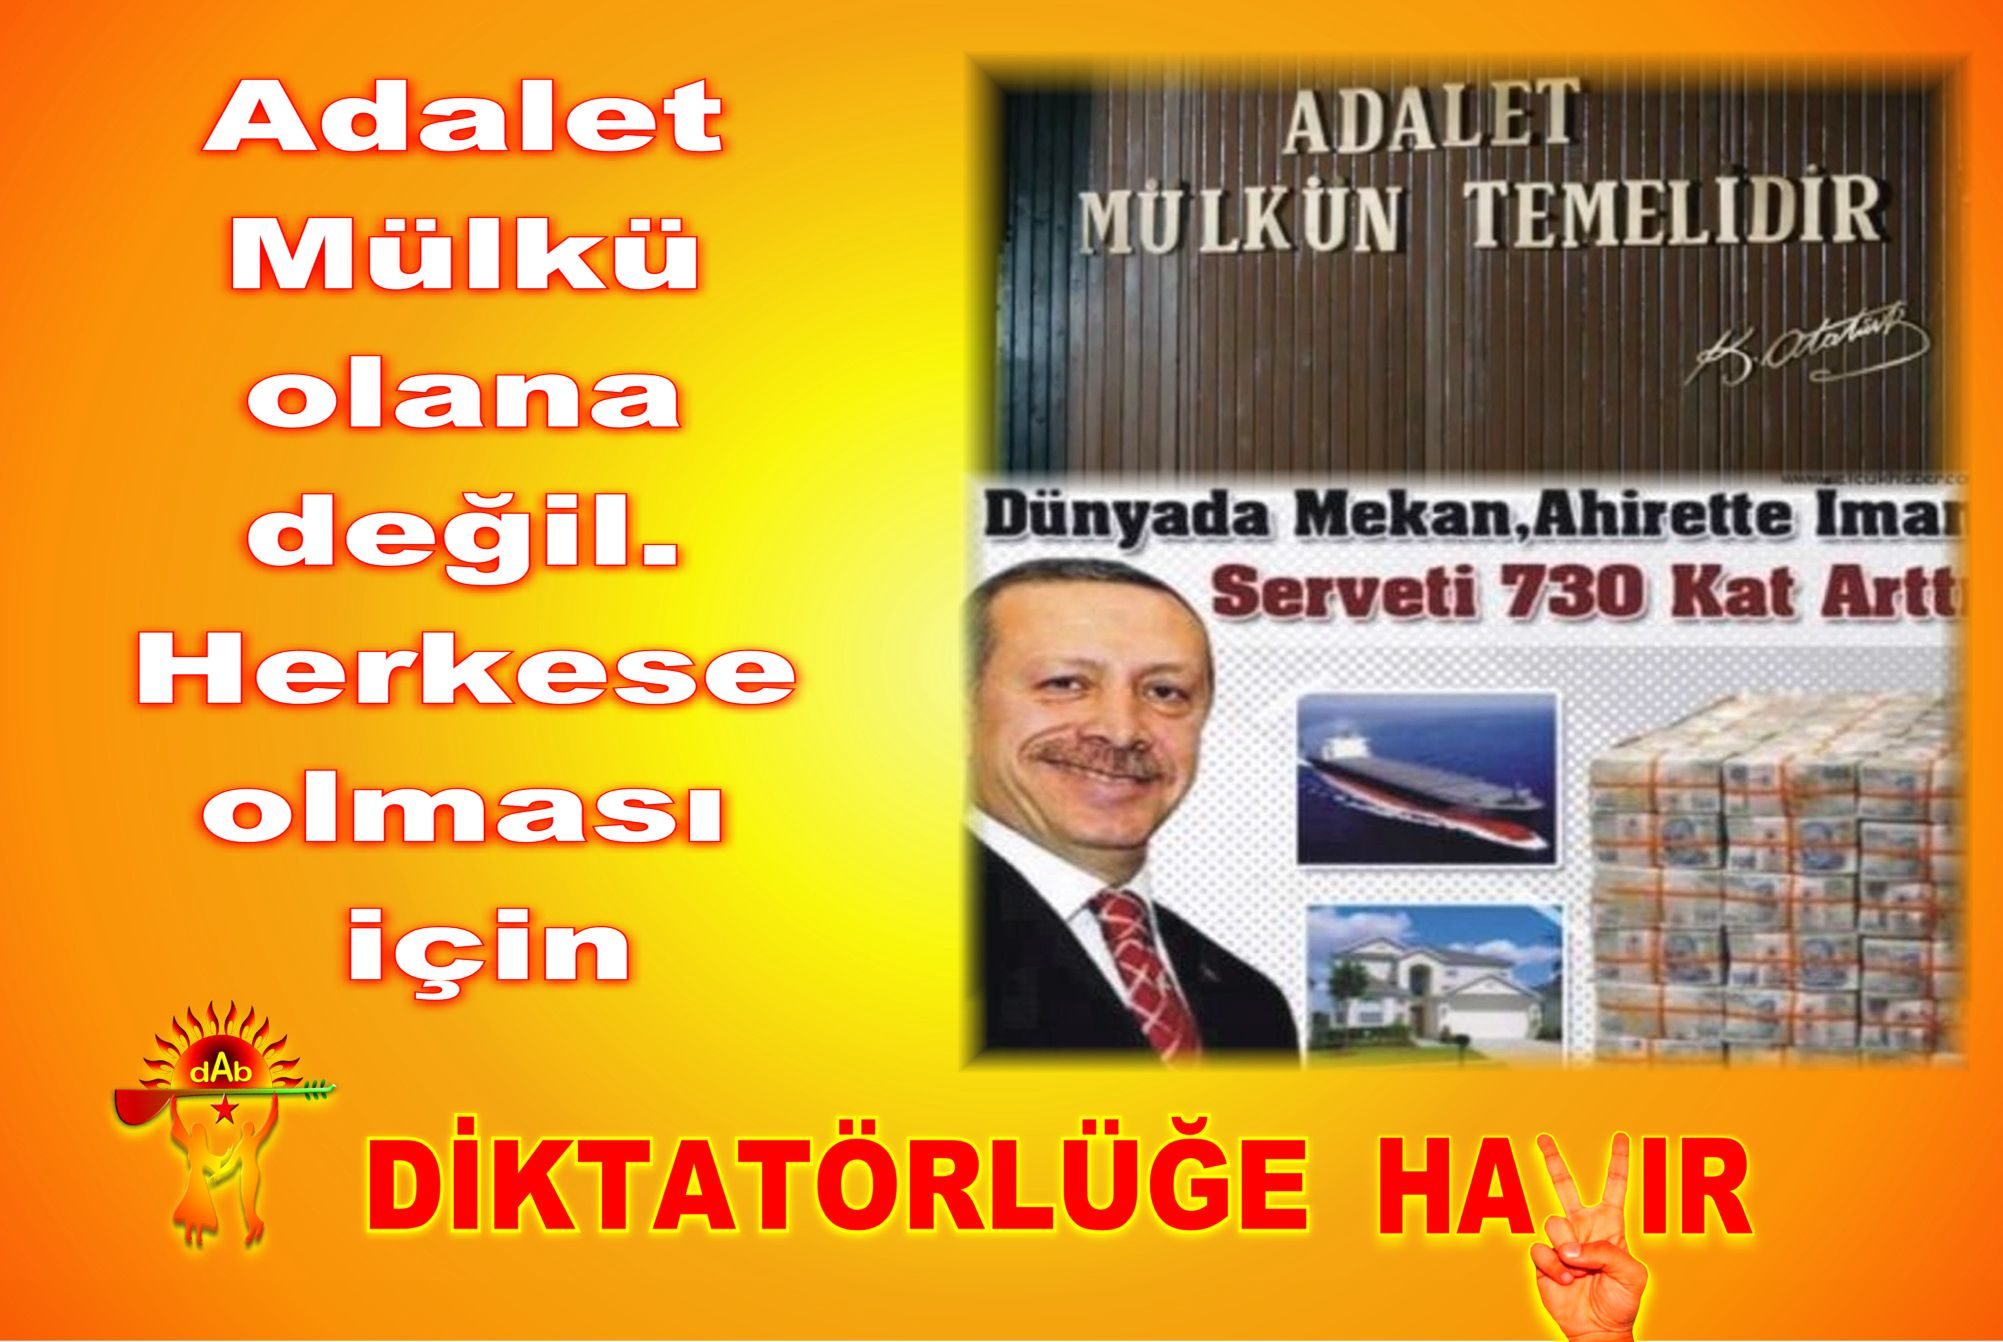 Devrimci Aleviler Birliği DAB Alevi Kızılbaş Bektaşi pir sultan cem hz Ali 12 imam semah Feramuz Şah Acar 21 hayir adalet mülk